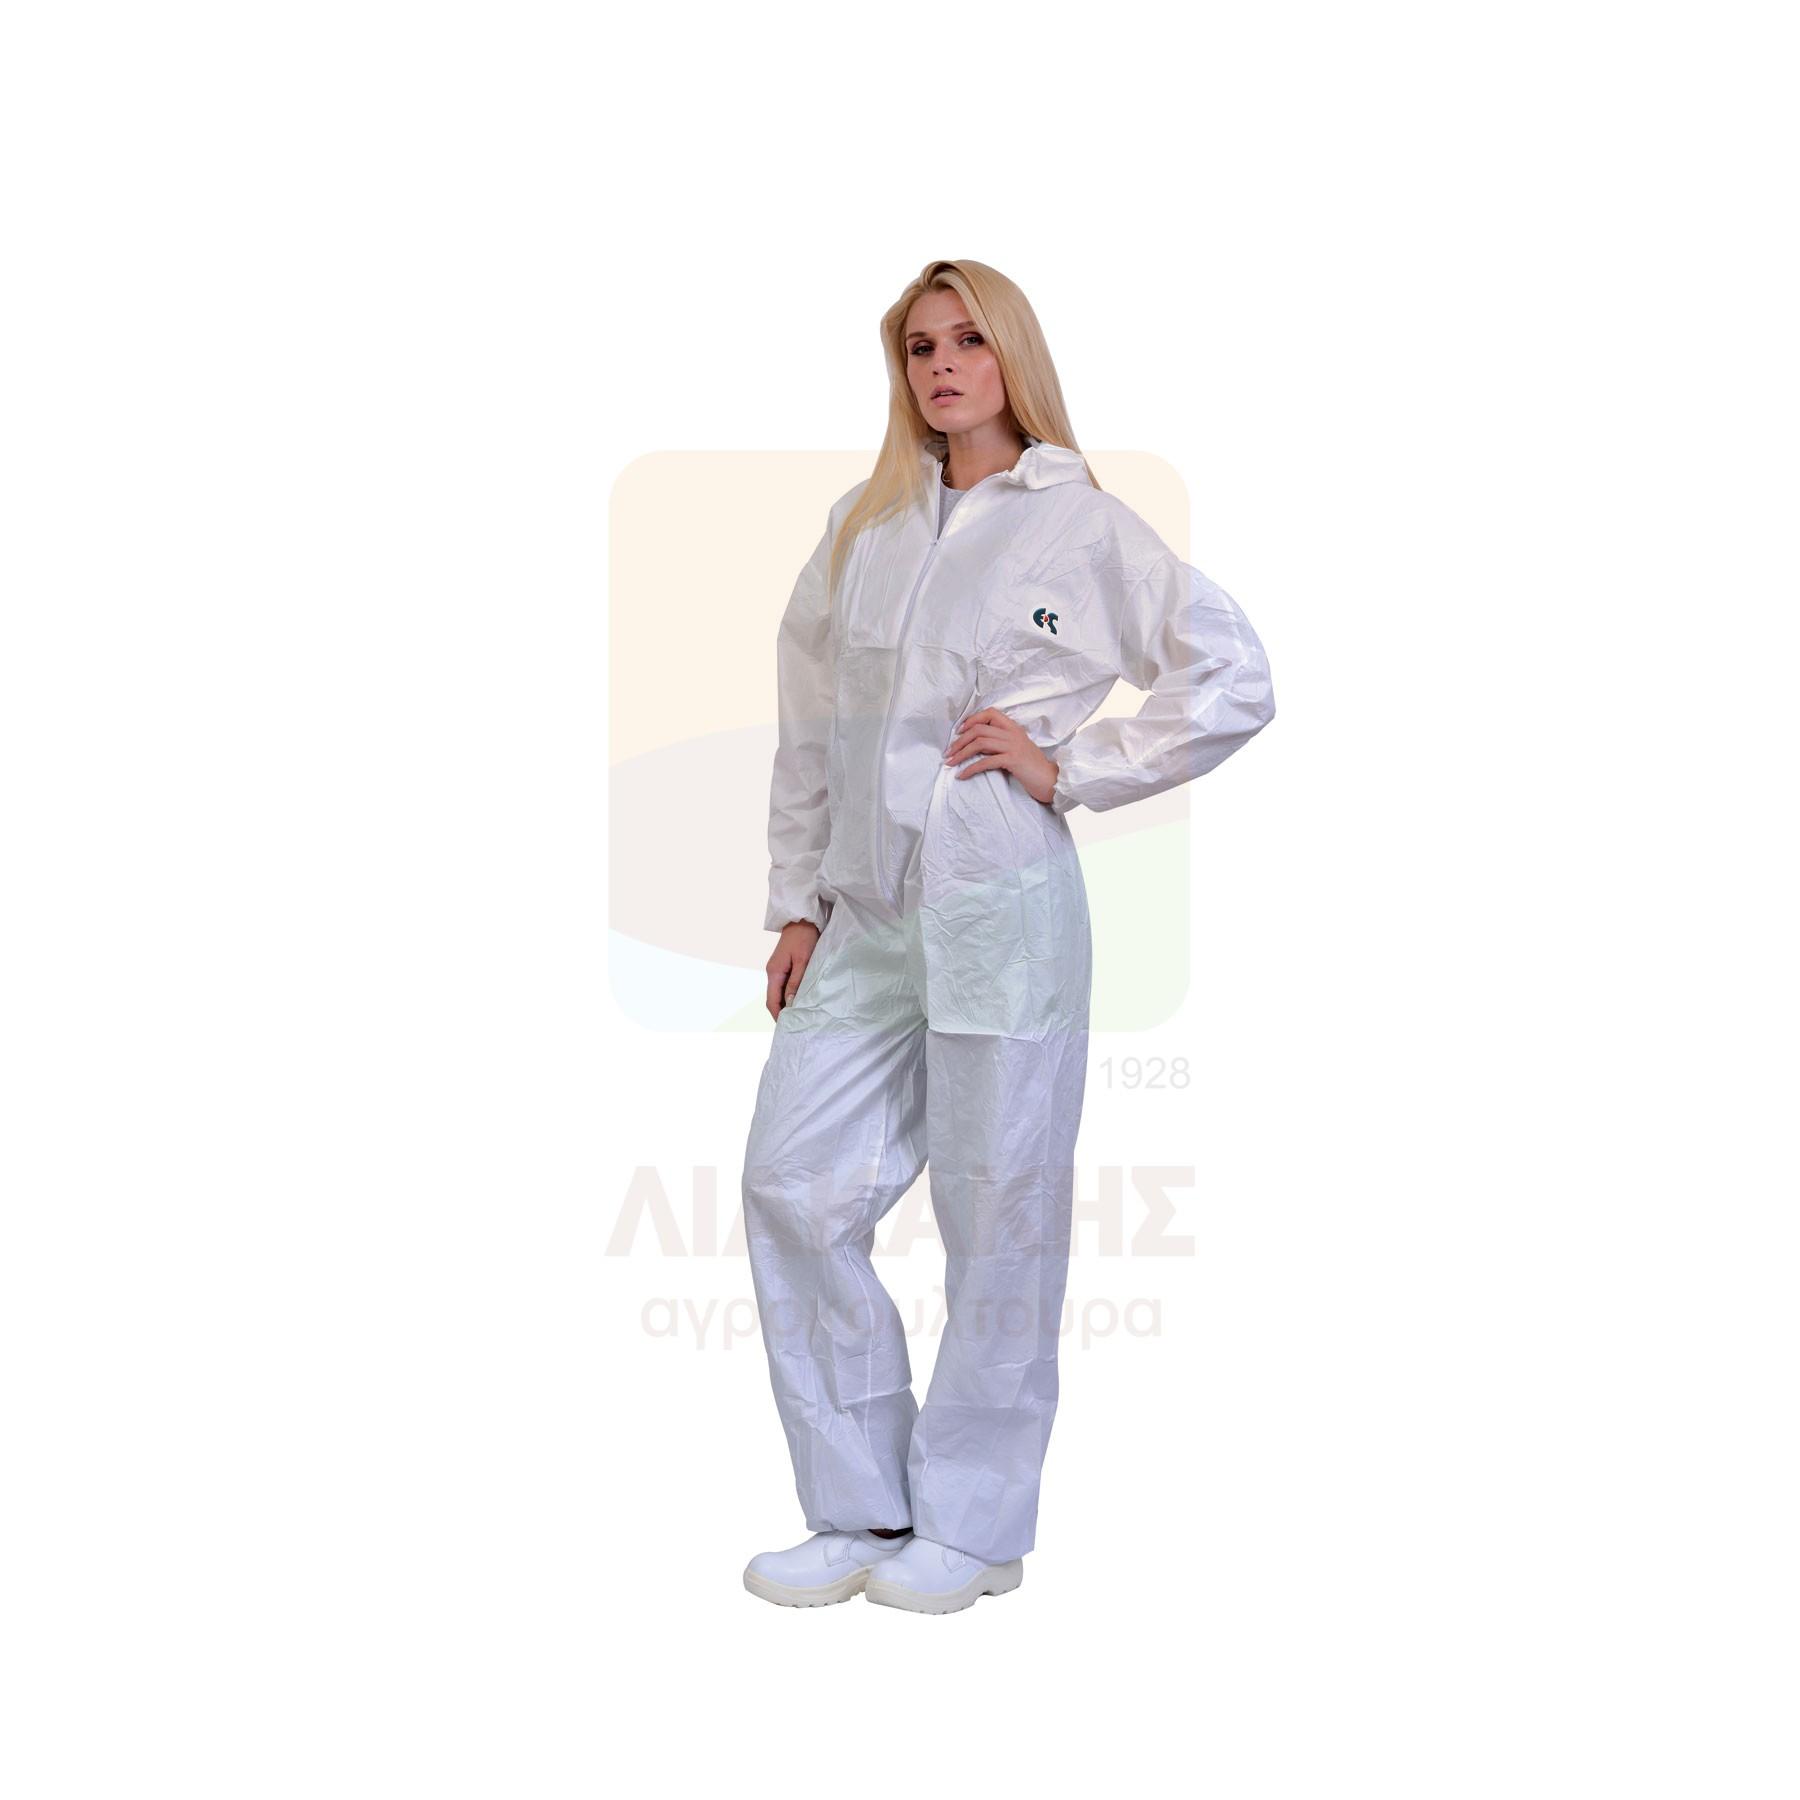 Στολή προστασίας μίας χρήσης με φερμουάρ και ενσωματωμένη κουκούλα